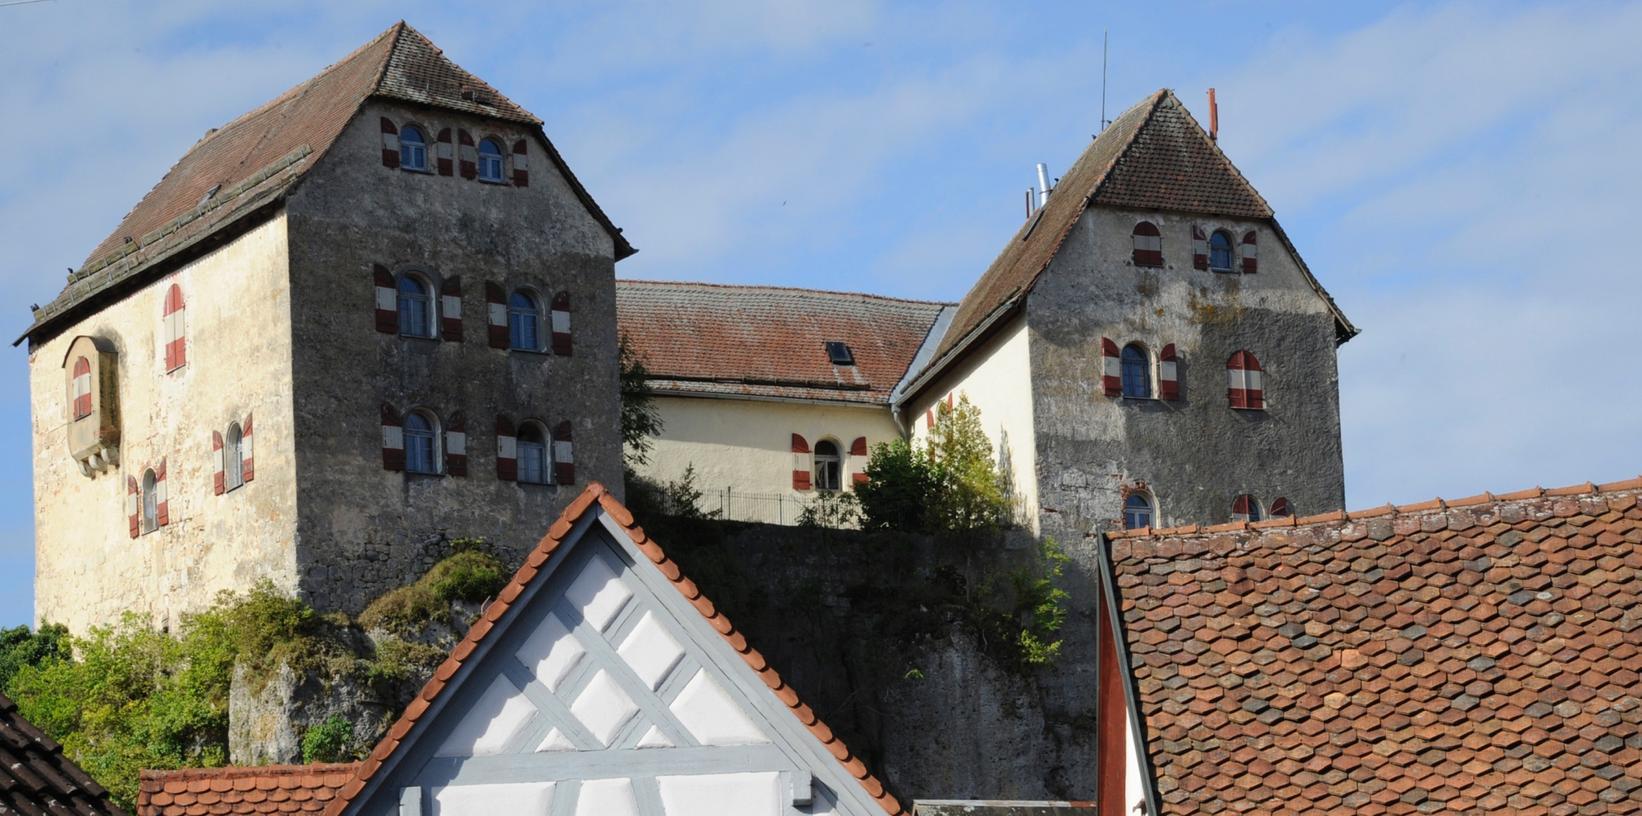 Wahrzeichen der Gemeinde: Seit der Insolvenz des letzten Eigentümers im Jahr 2006 stand die Burg Hiltpoltstein unter treuhänderischer Verwaltung.